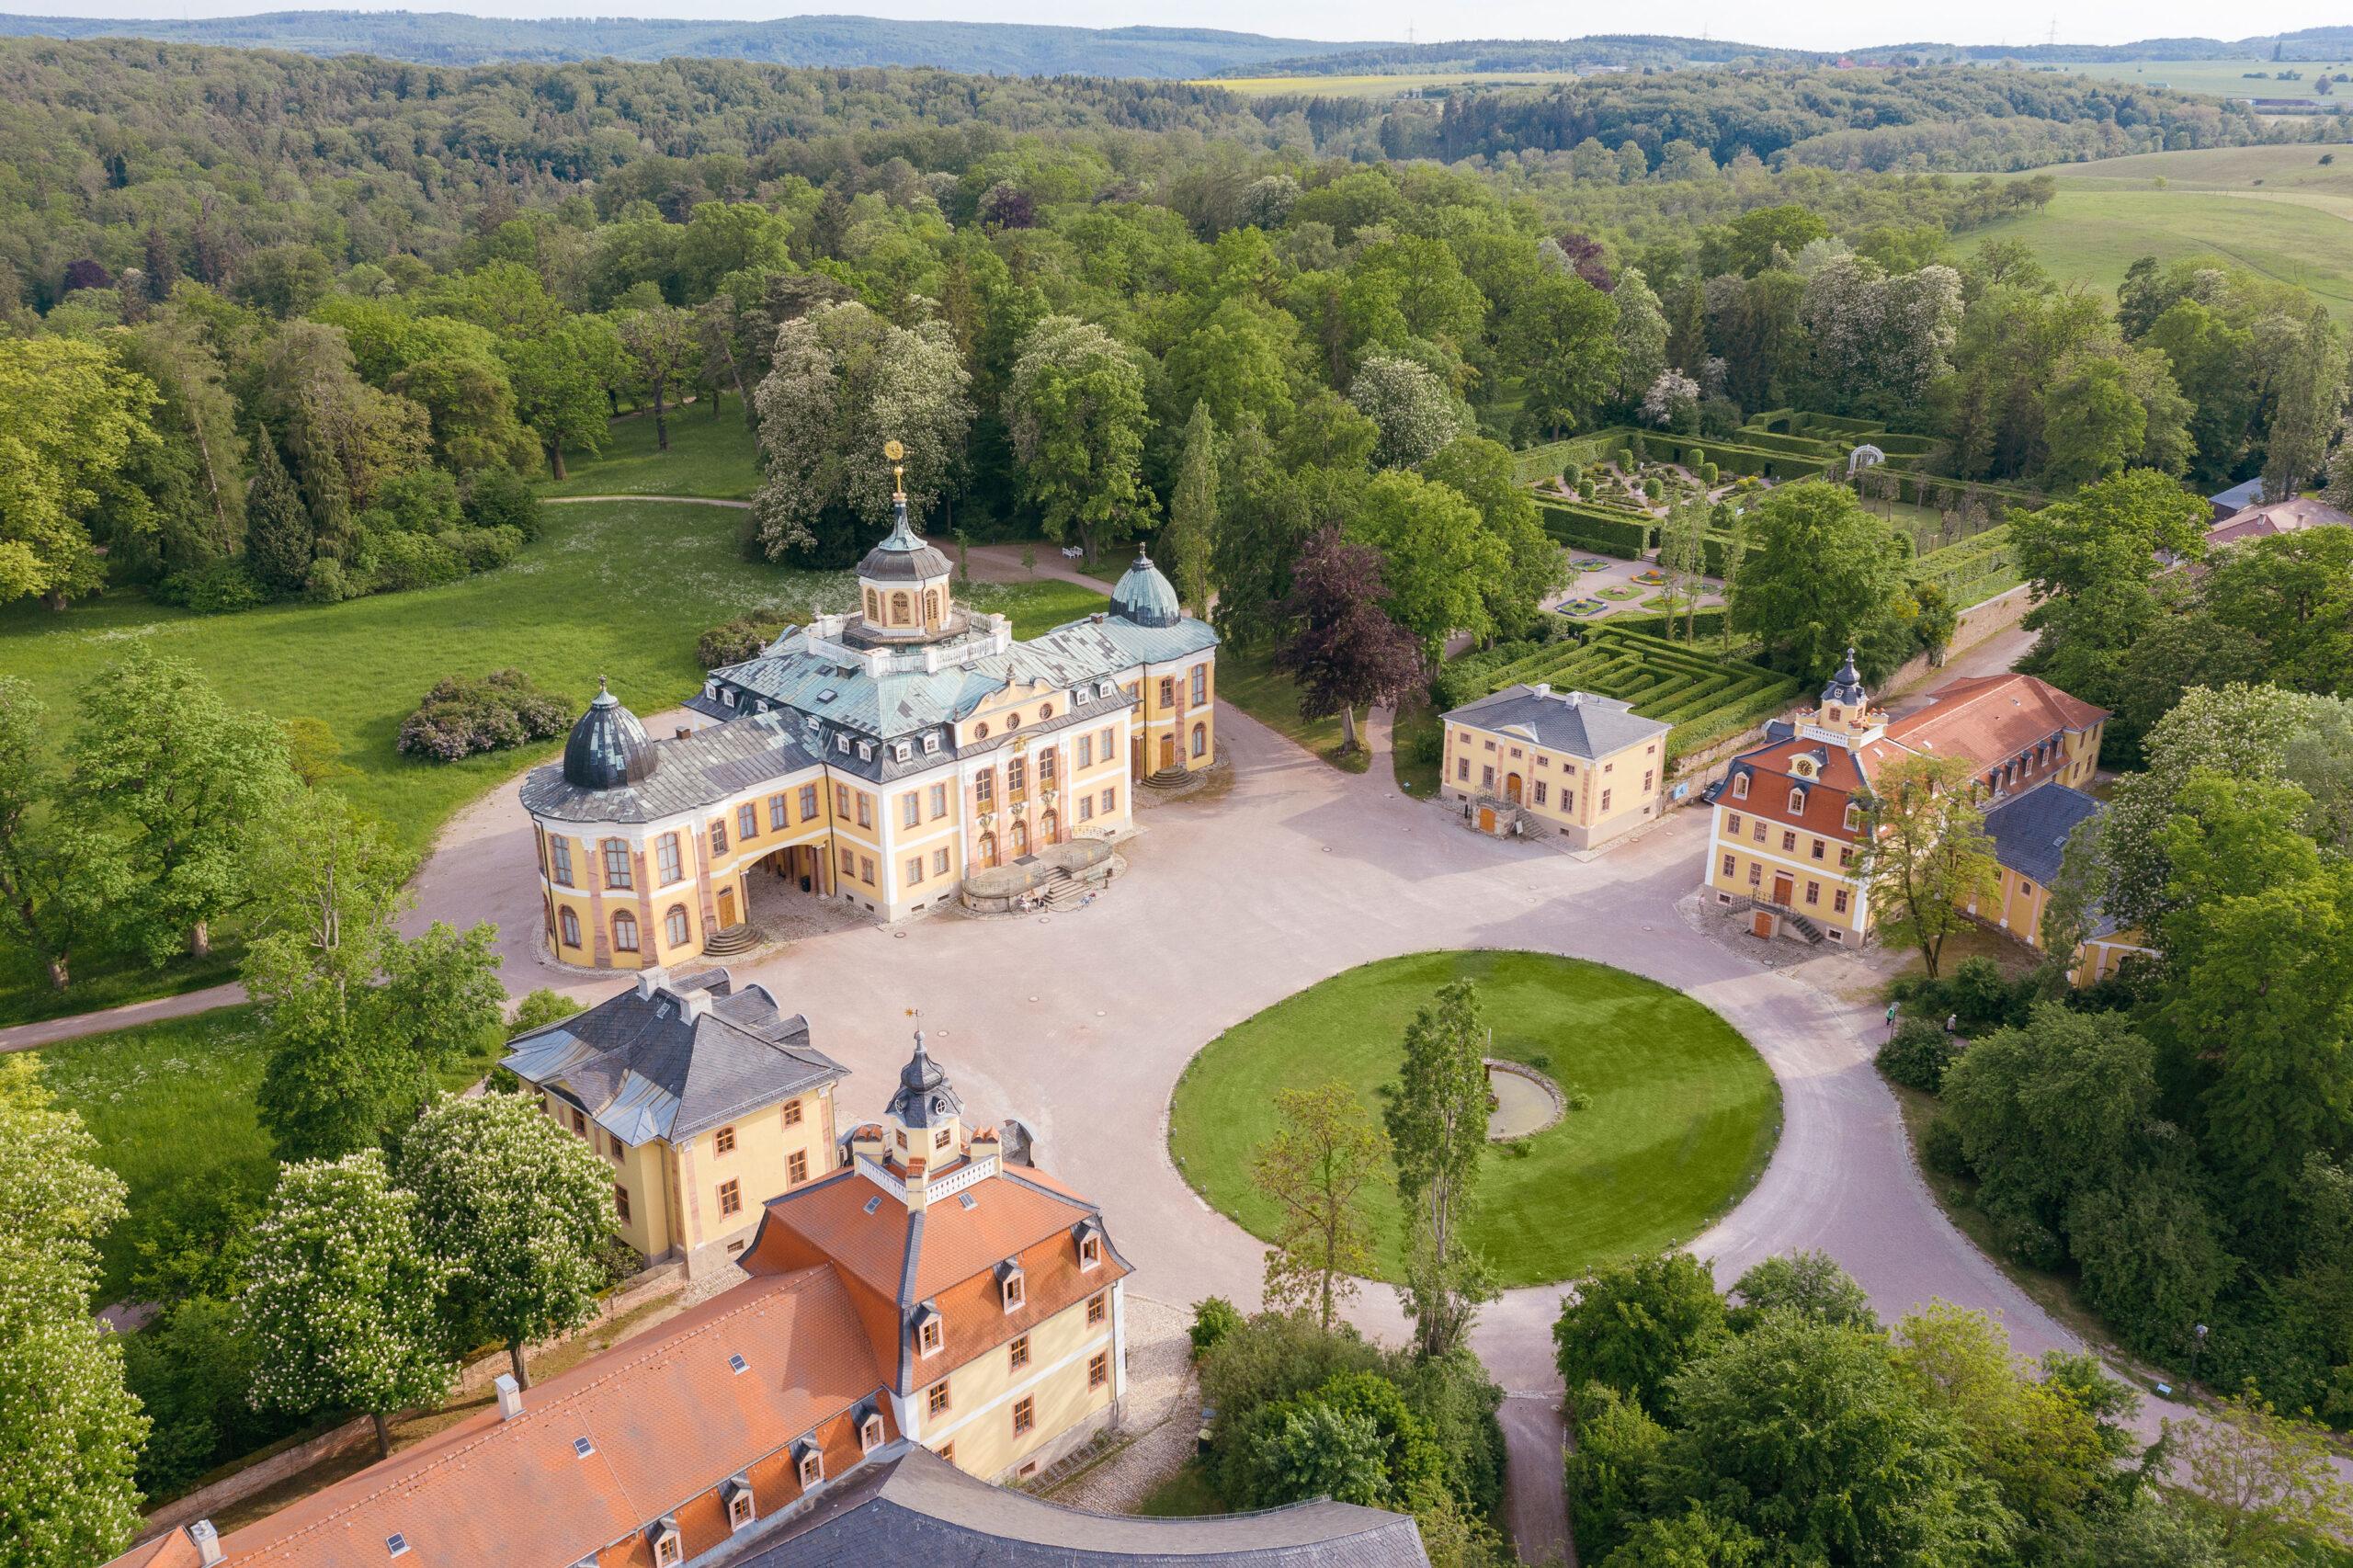 Schloss und Park Belvedere in Weimar © SSFG für die Schatzkammer Thüringen / Marcus Glahn